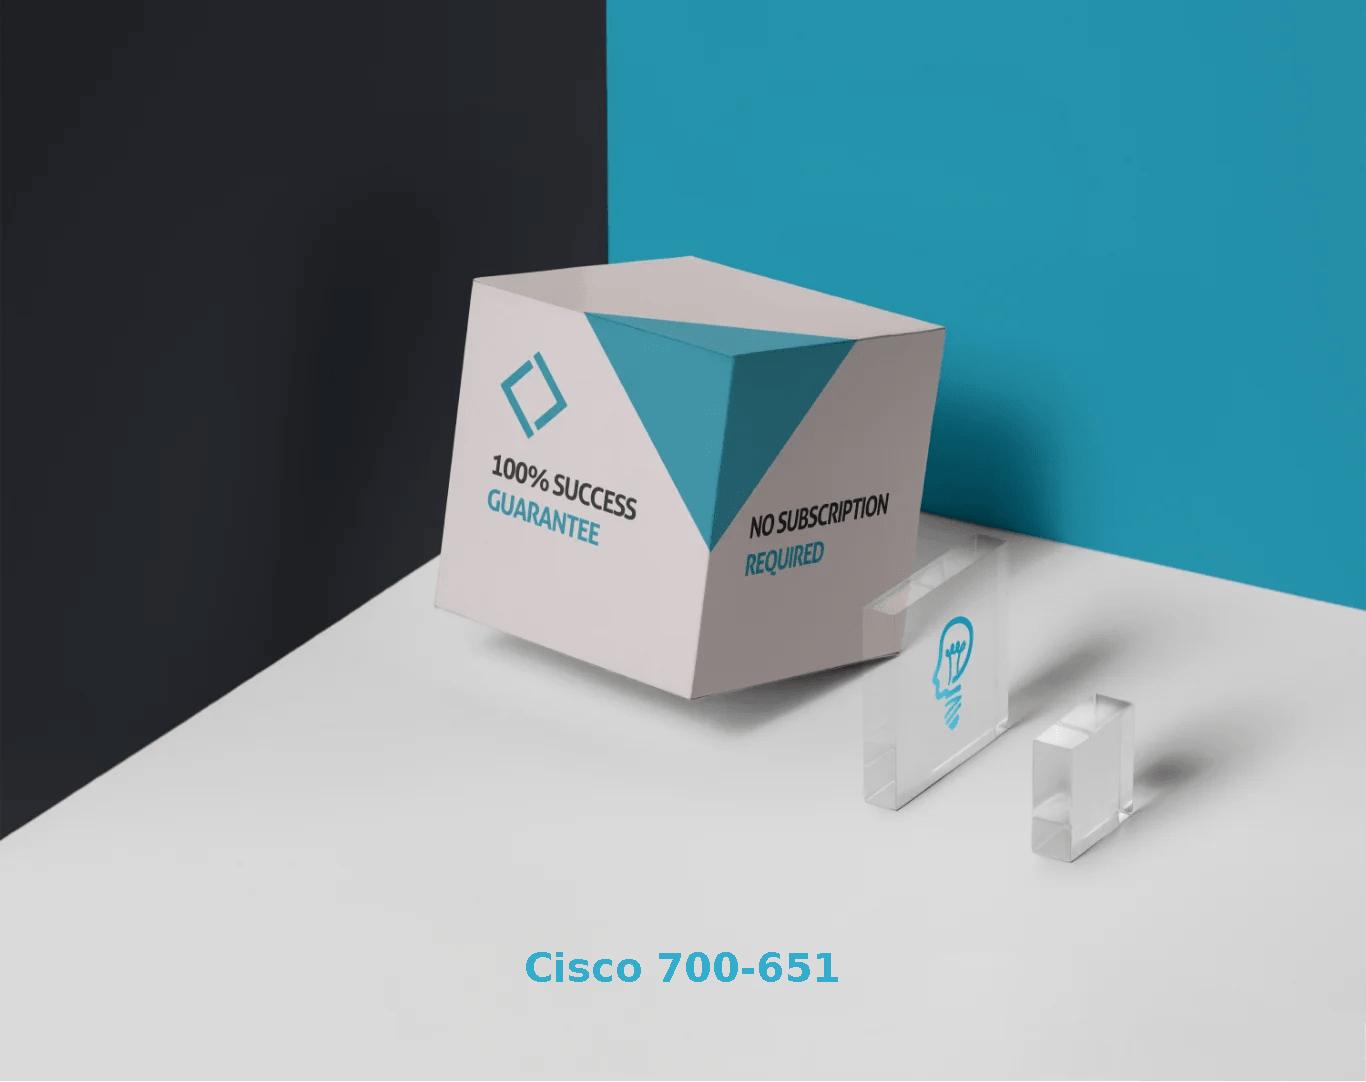 Cisco 700-651 Exams